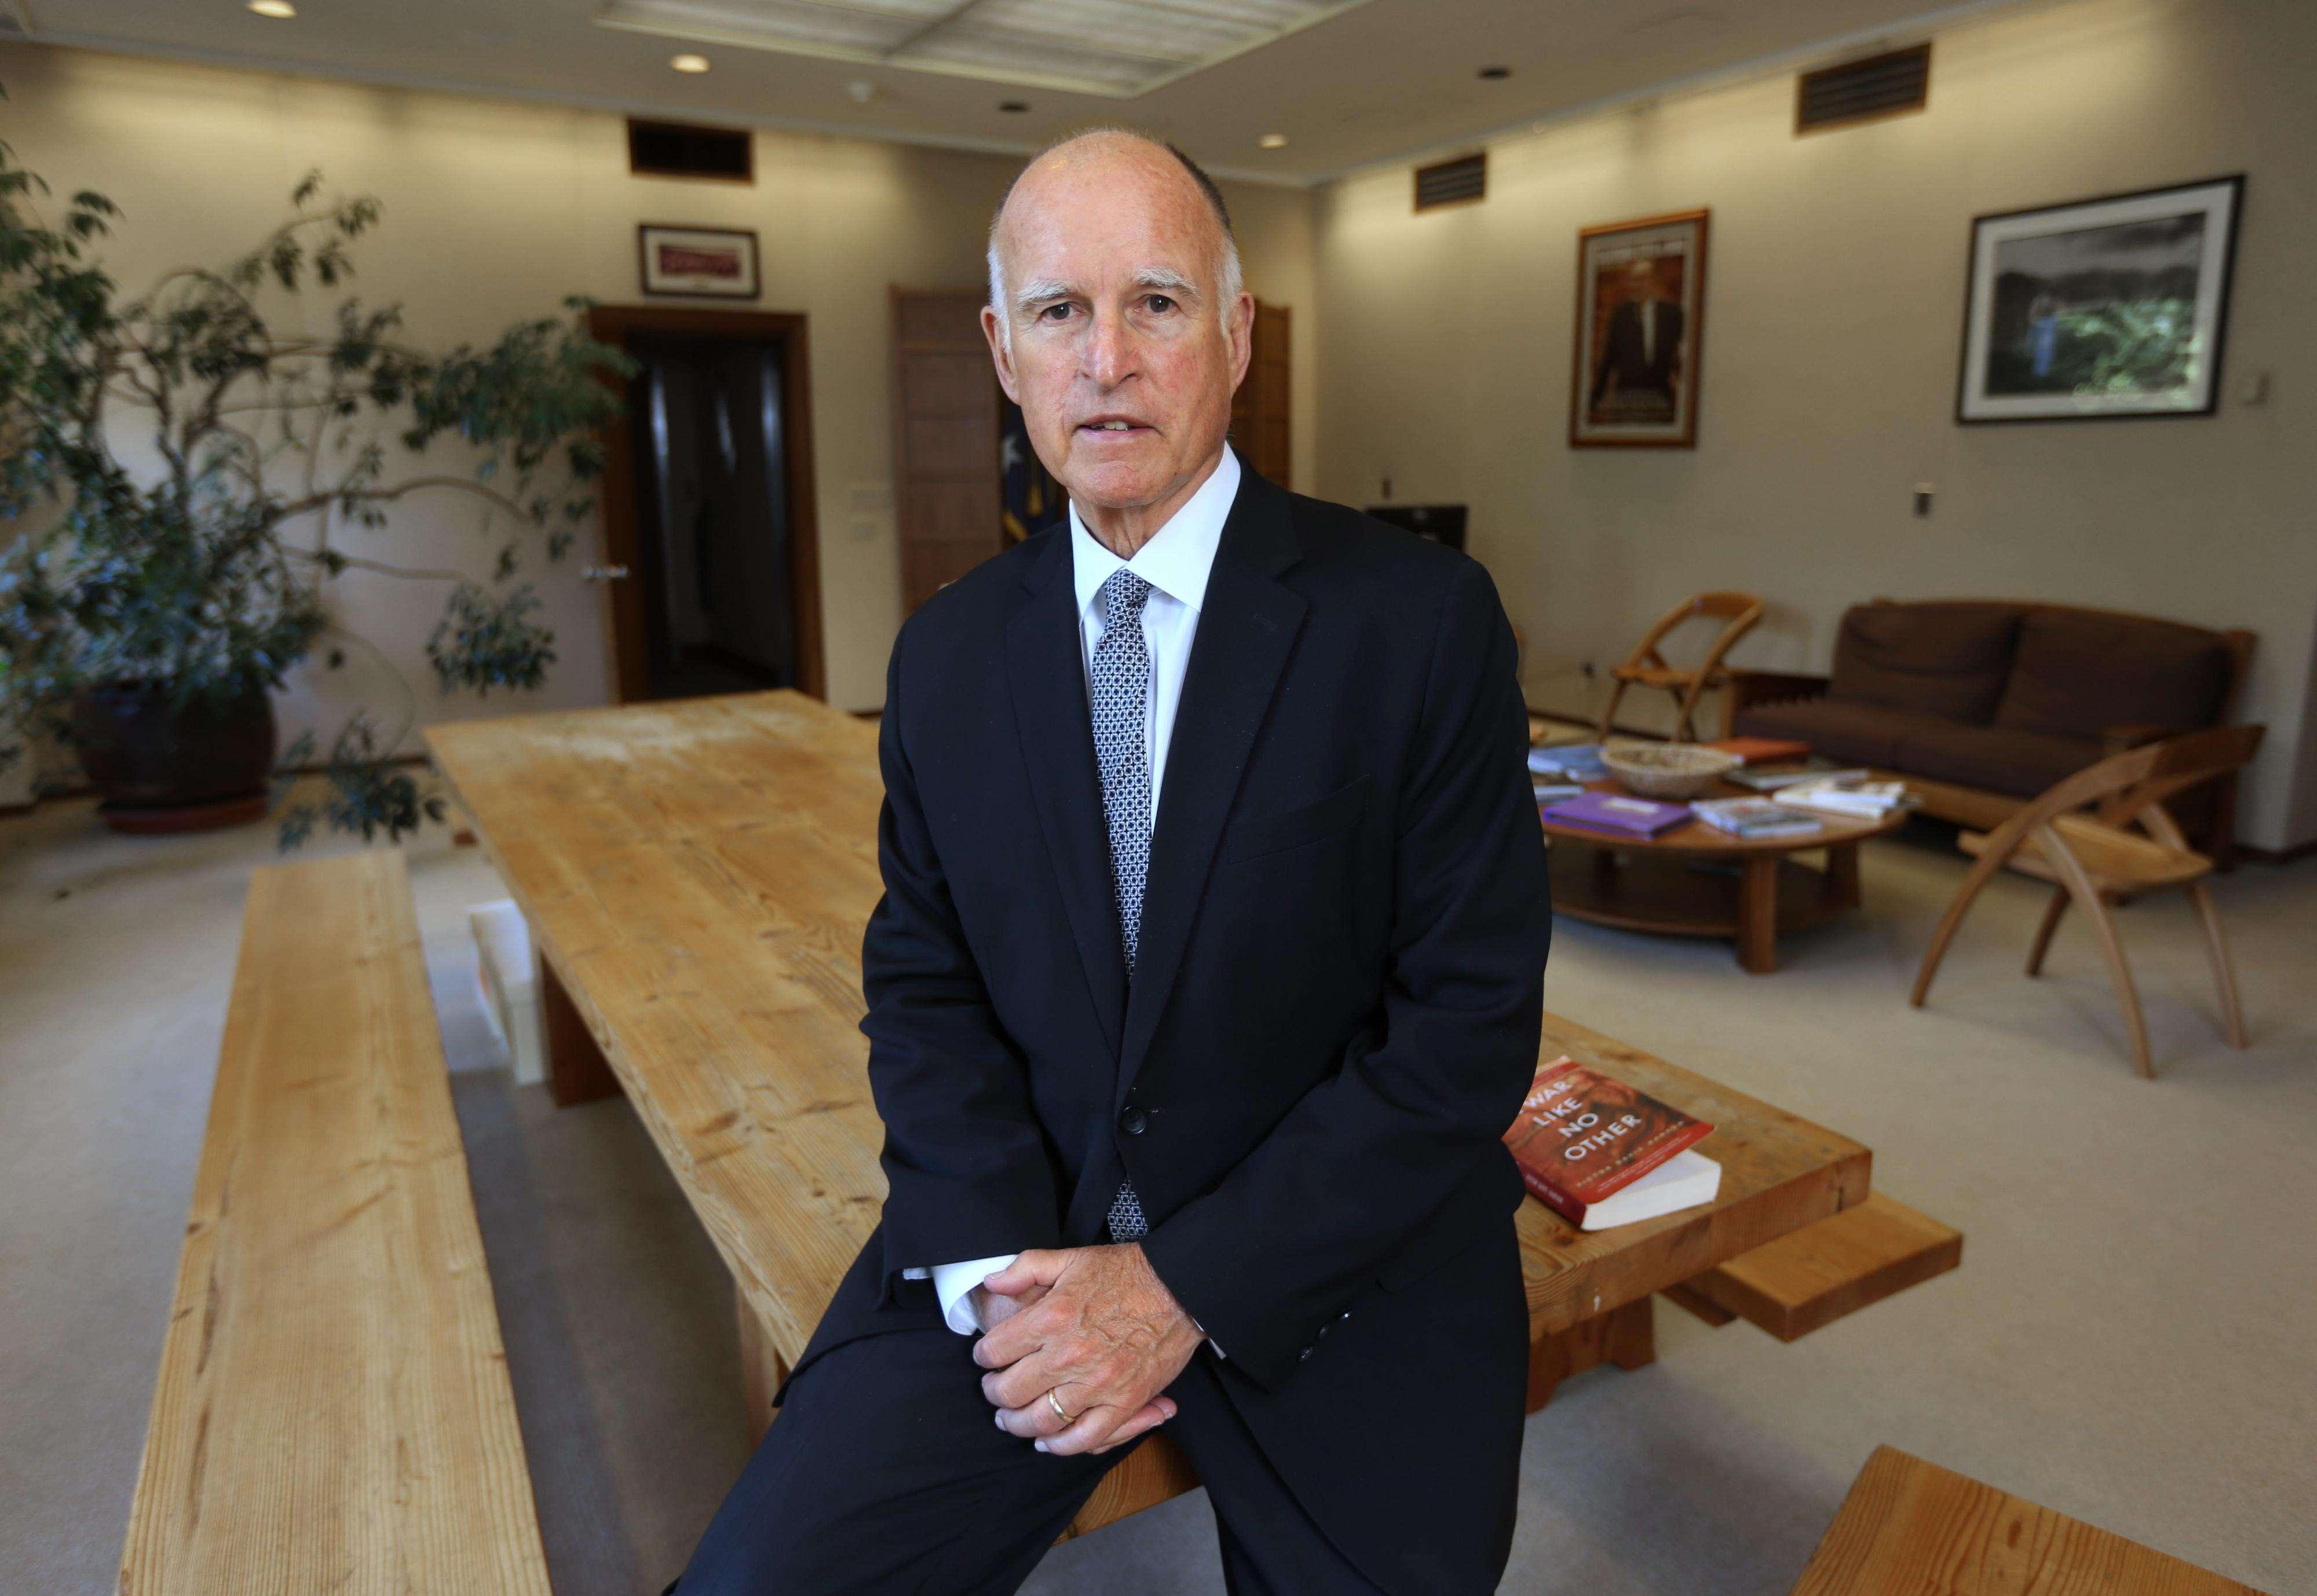 El gobernador de California Jerry Brown en foto de archivo del 28 de mayo de 2014. Foto: AP en español